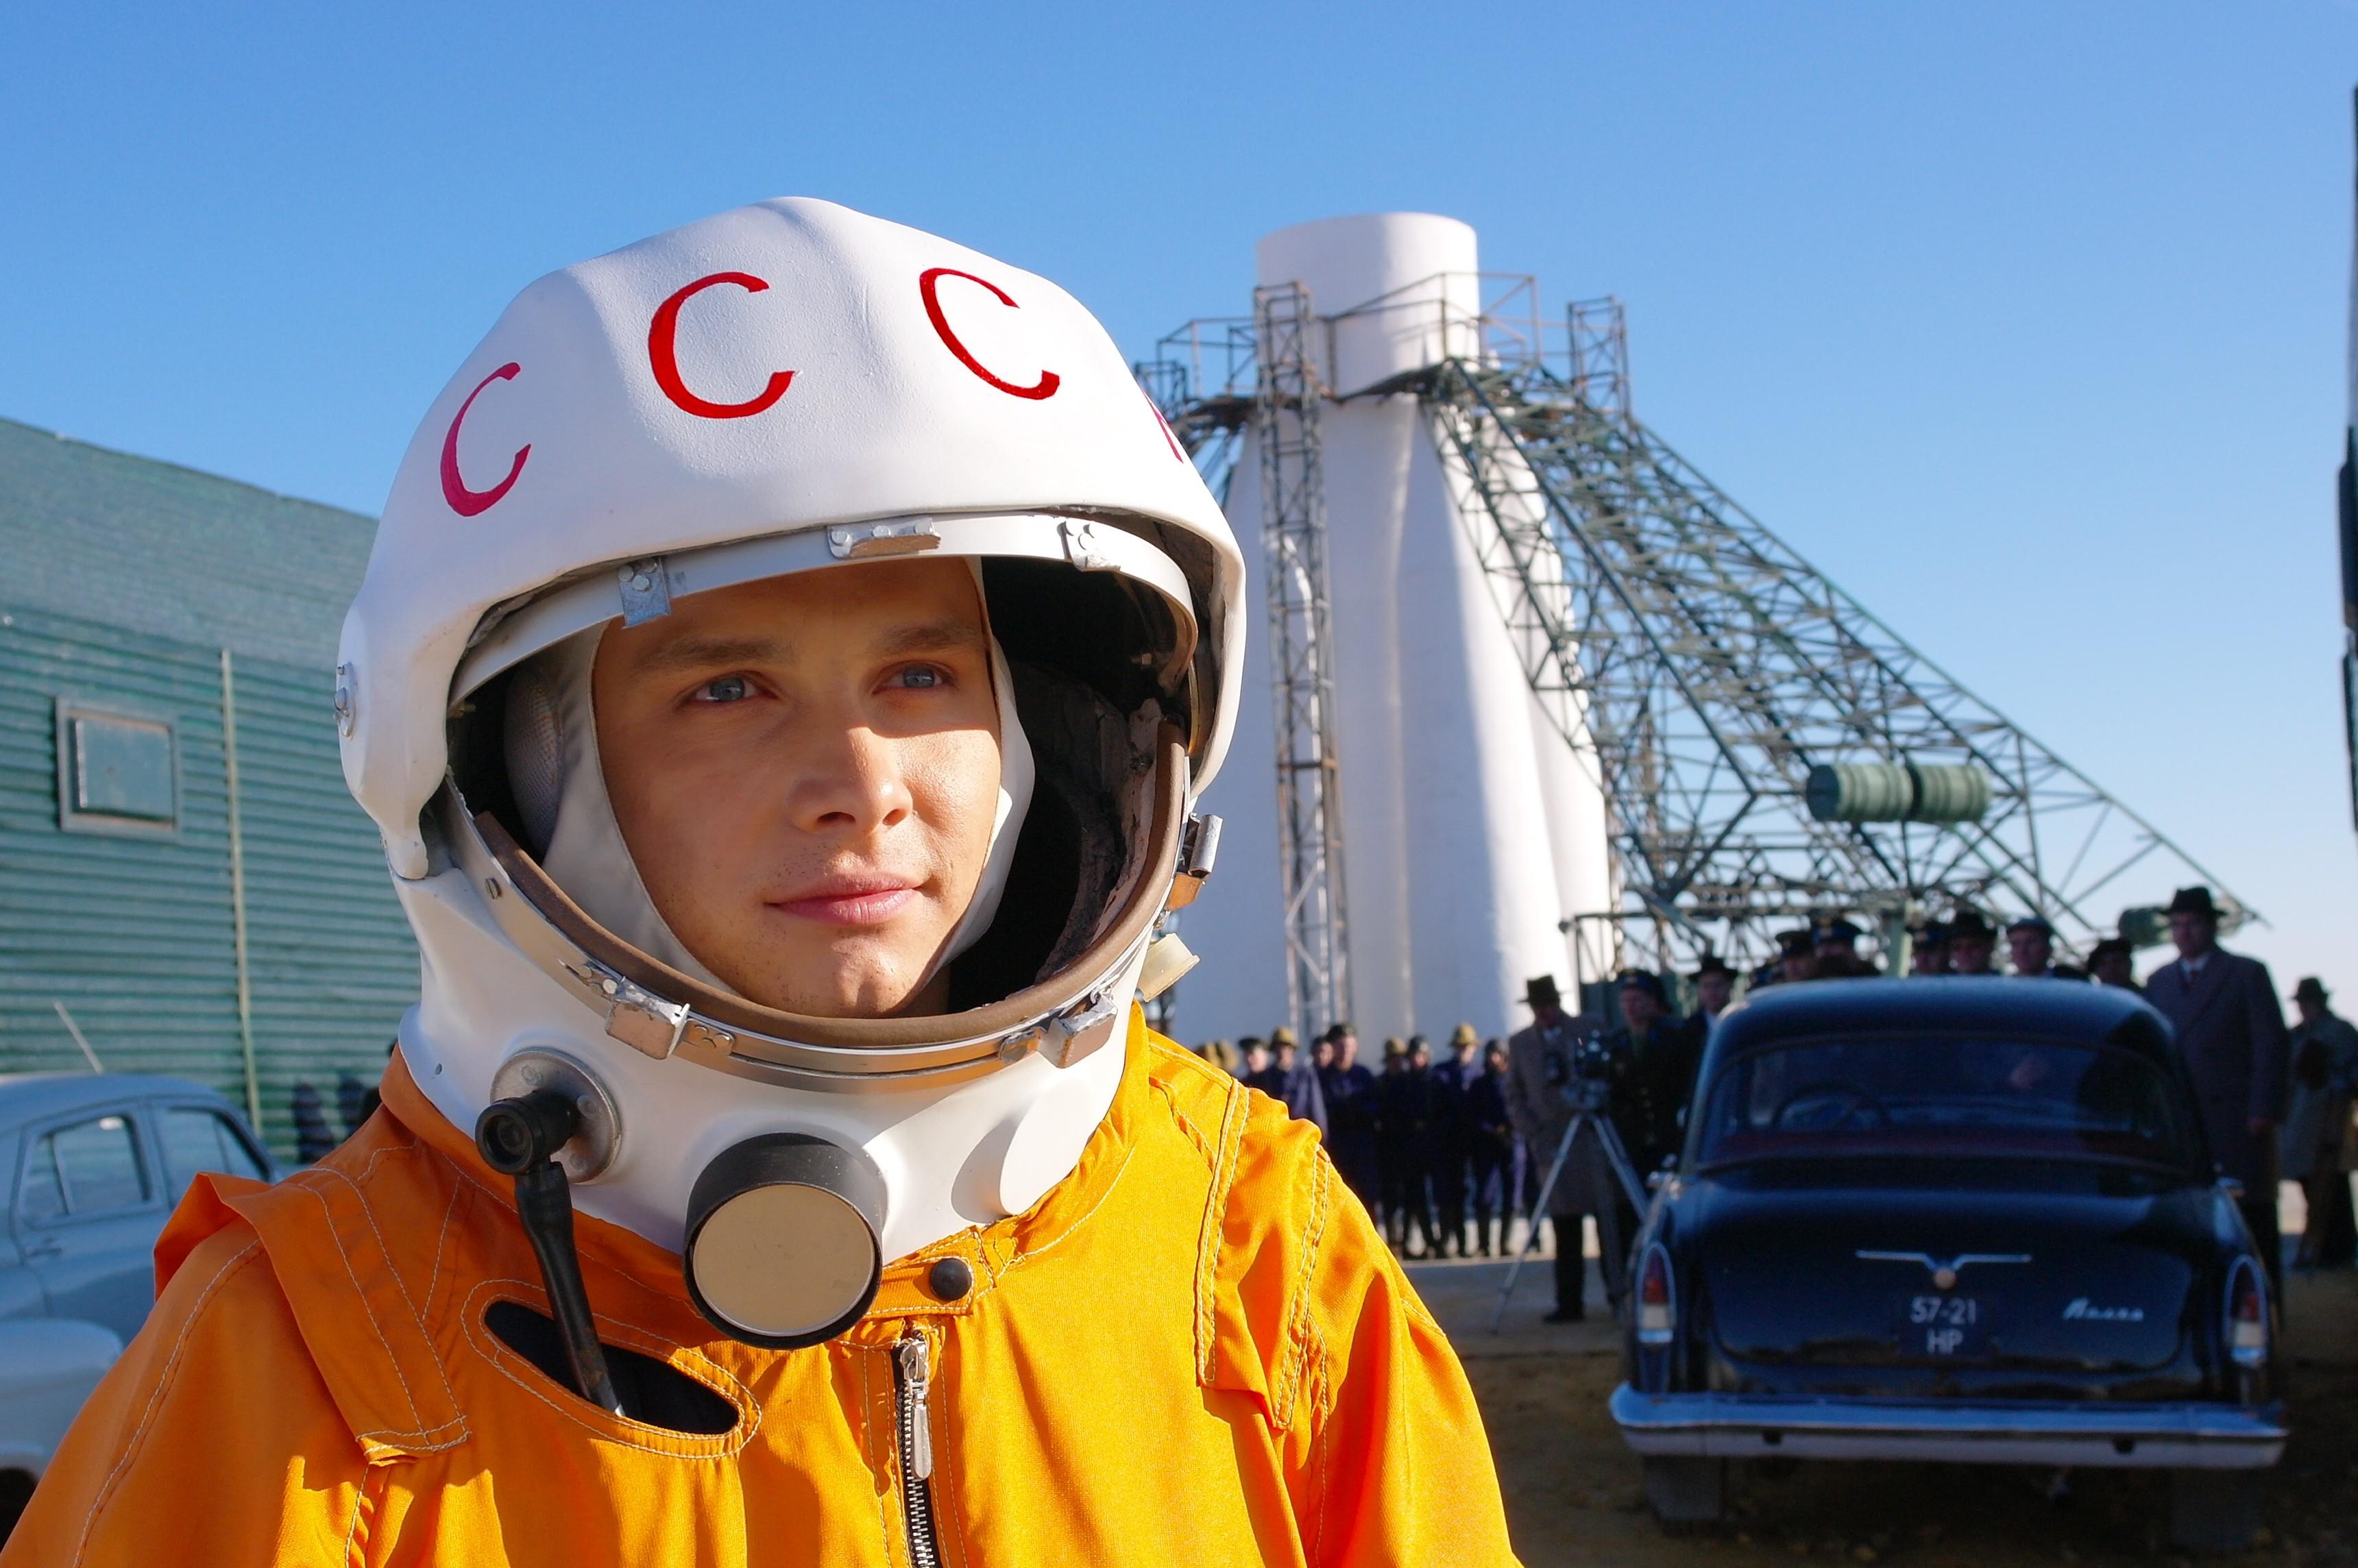 смотреть космические онлайн фильмы: